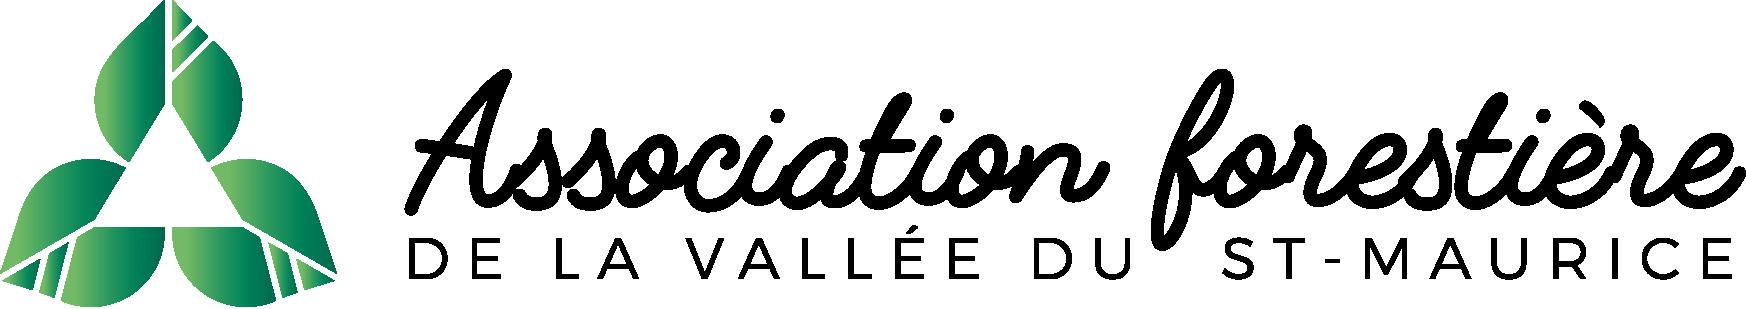 Logo Association forestière de la Vallée du St-Maurice